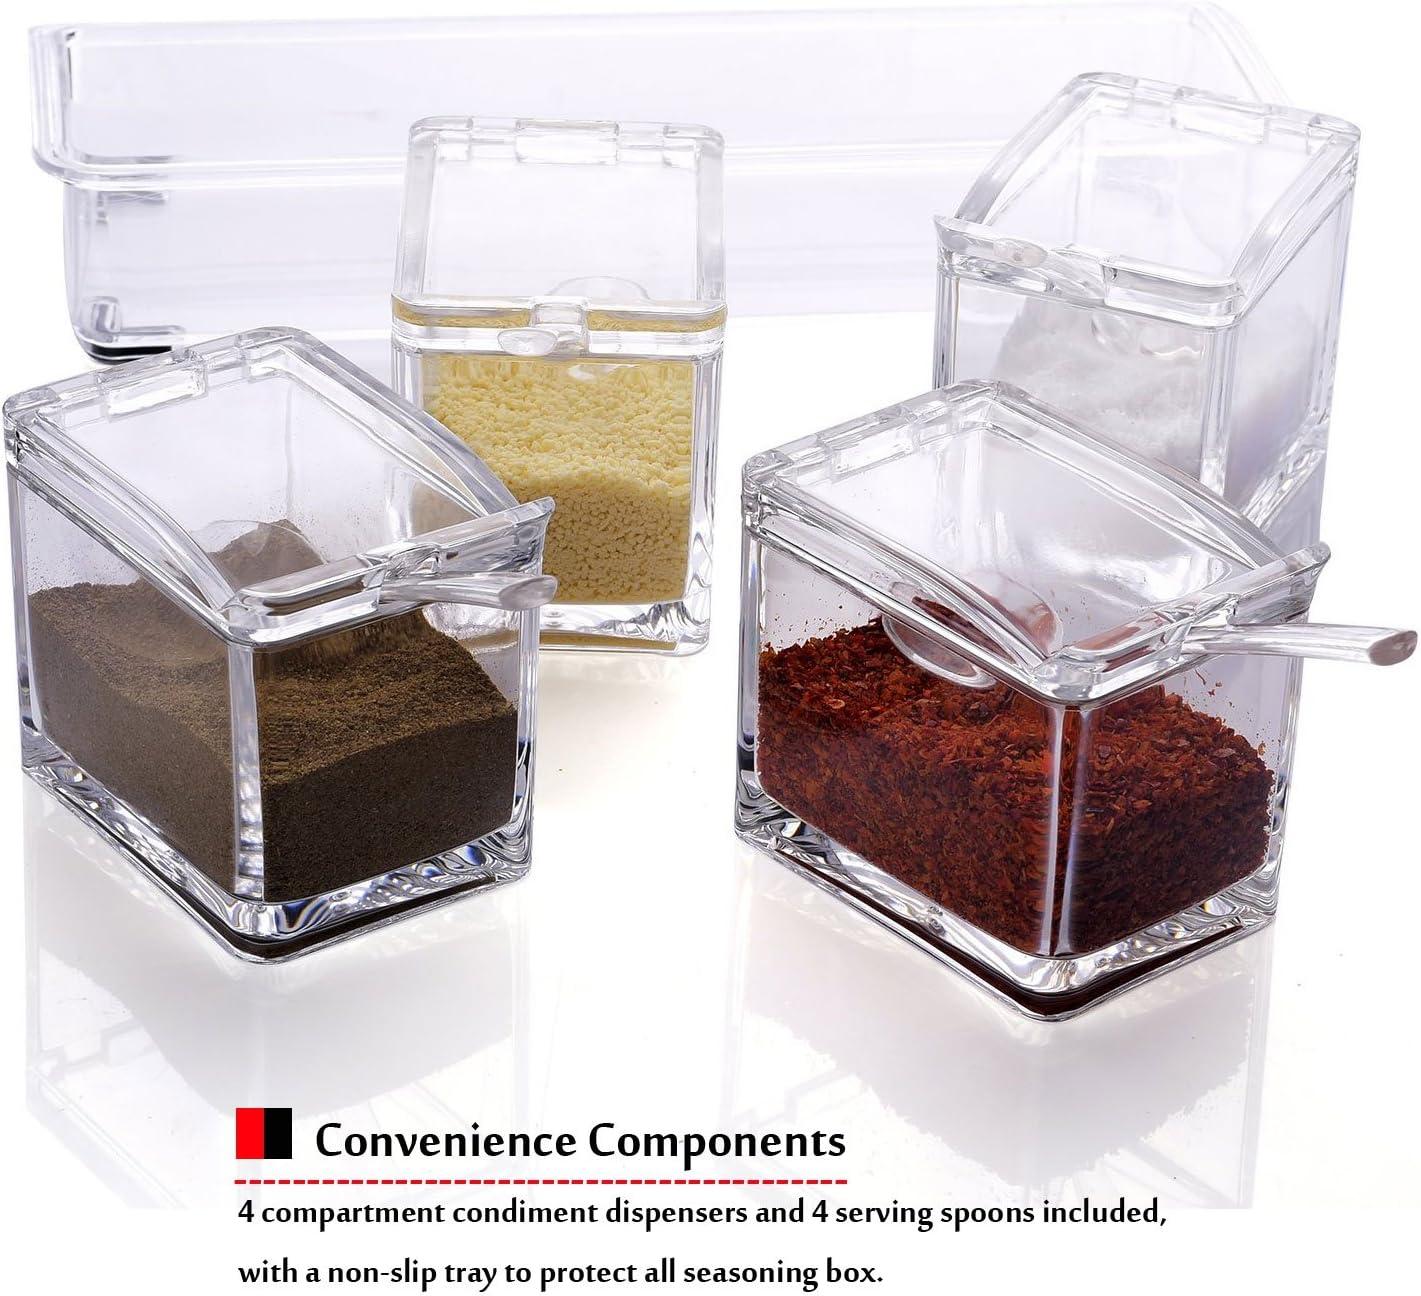 Cuisine 4 Grille bocal à épices assaisonnement Boîte Sel Conteneurs Condiment canettes Distributeur